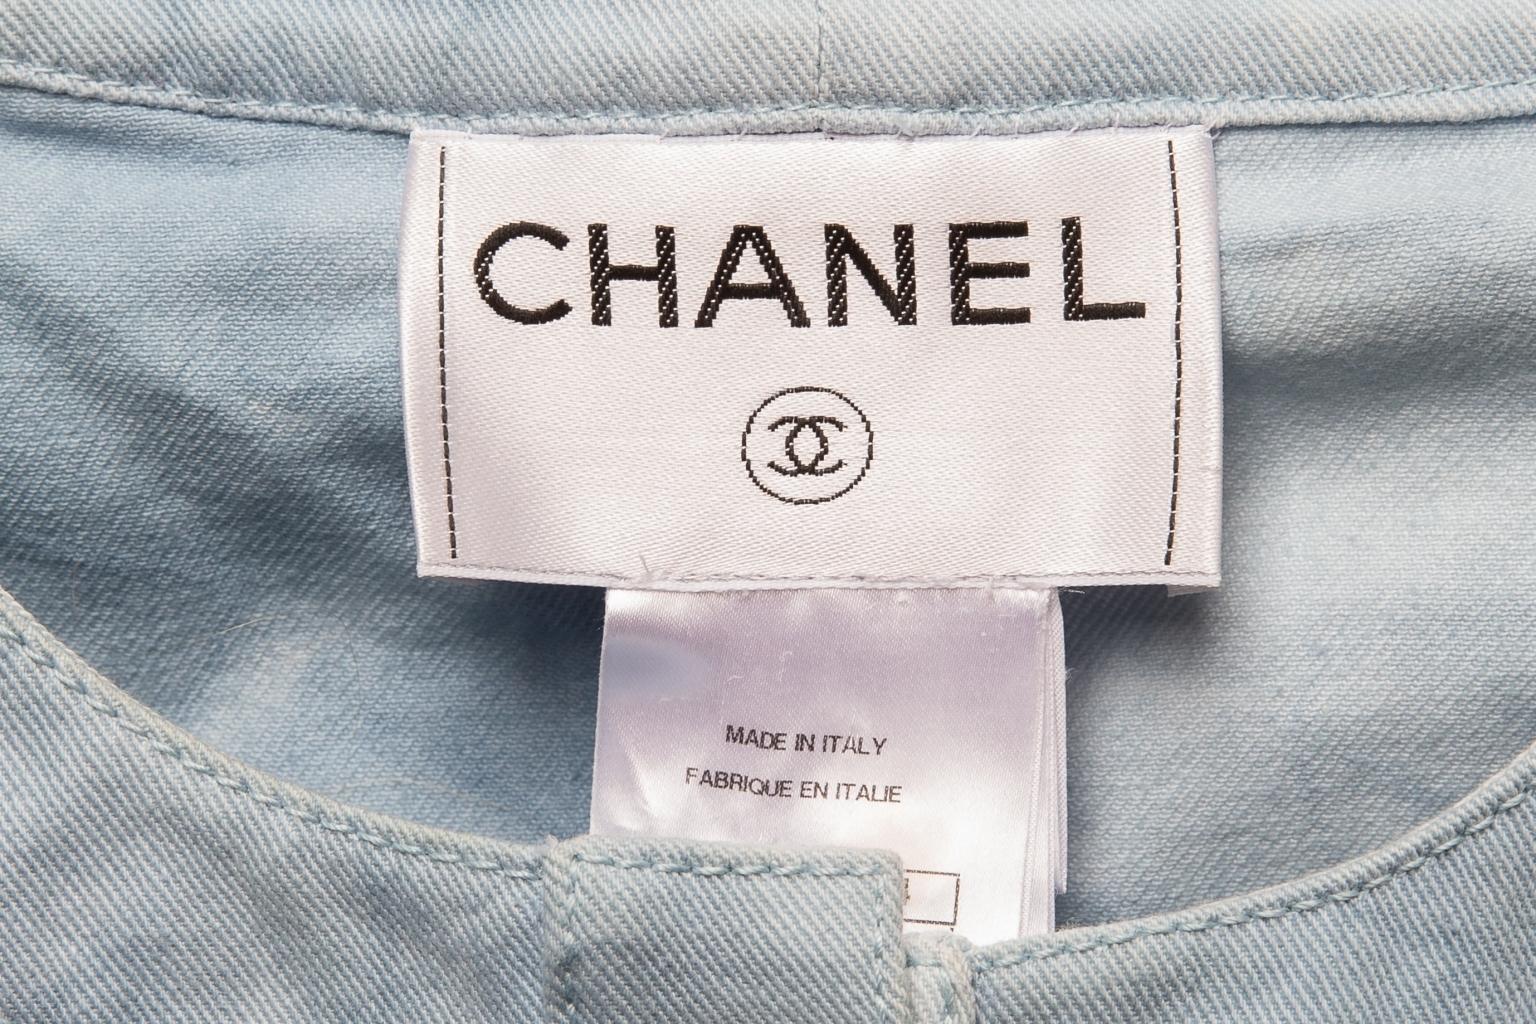 Стильный укороченный жакет из денима небесно-голубого цвета от Chanel, 38 размер.